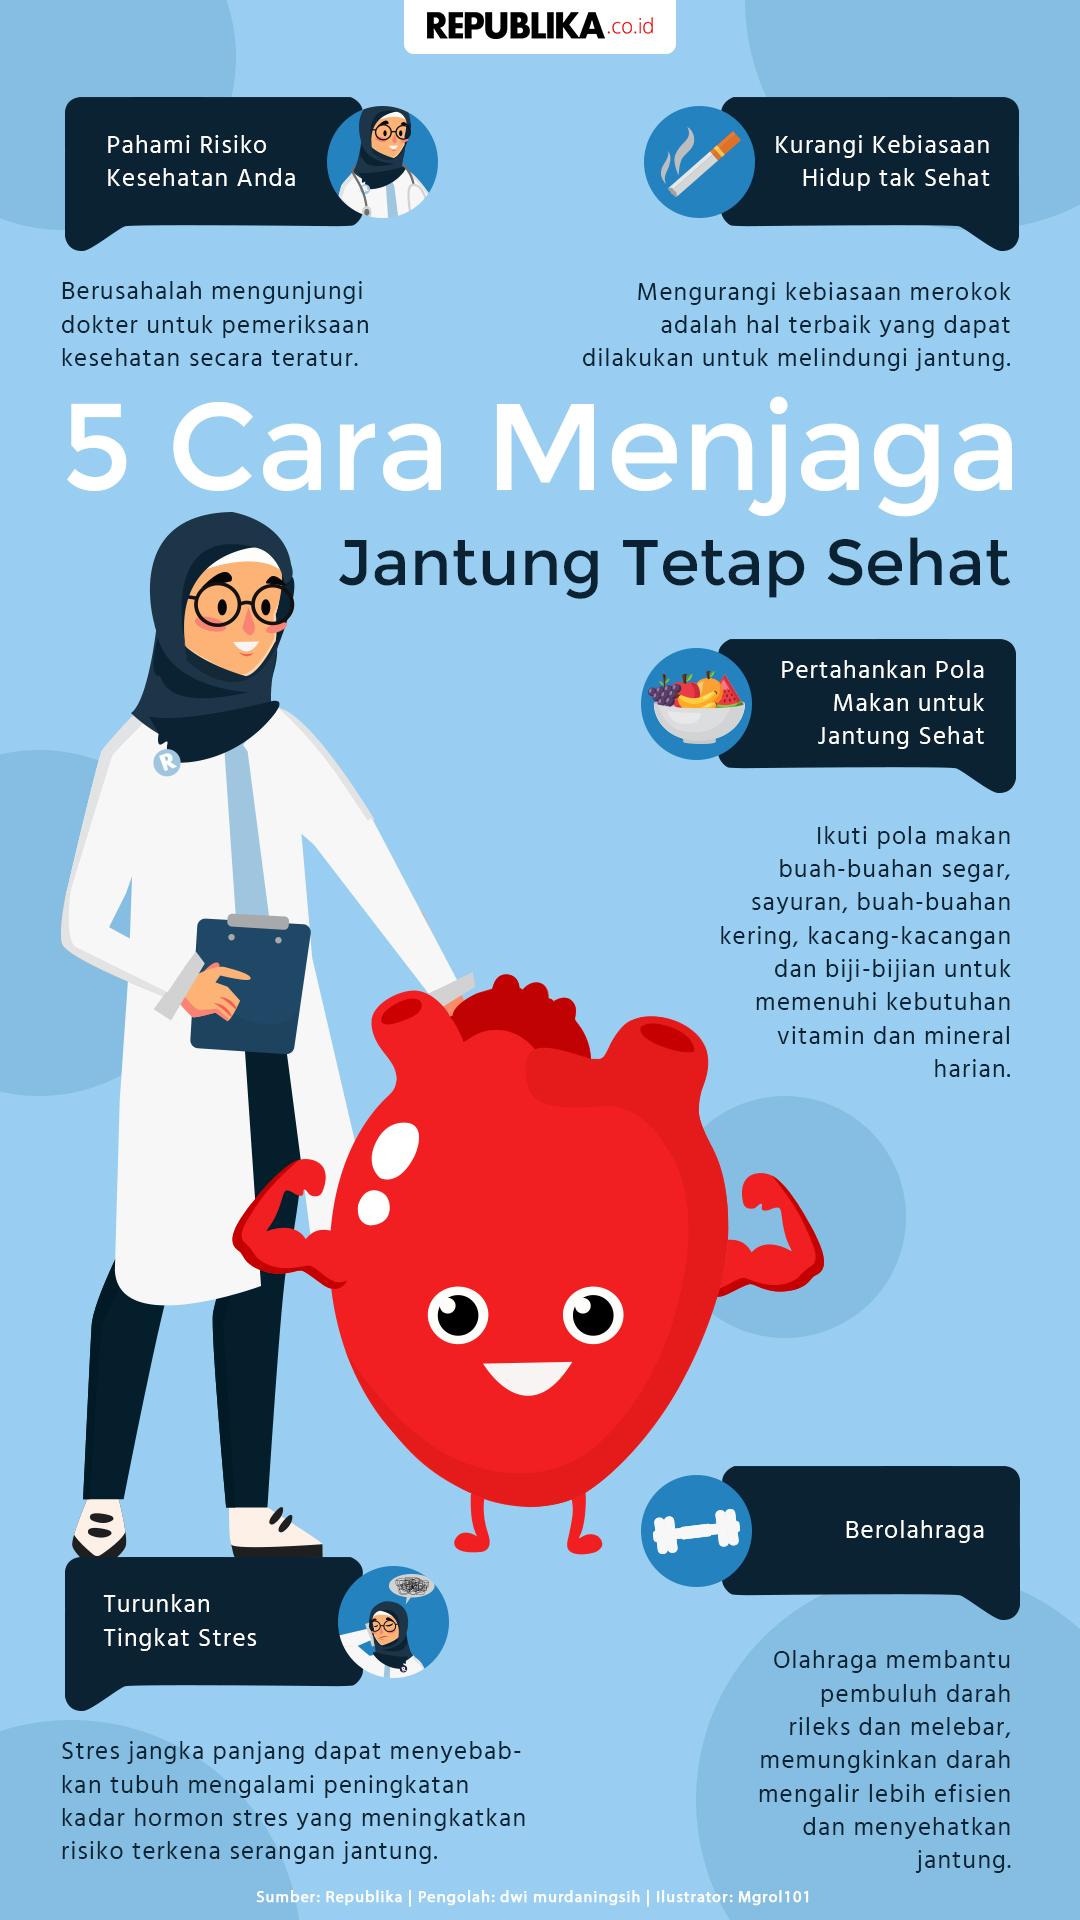 5 Cara Menjaga Jantung Tetap Sehat | Republika Online